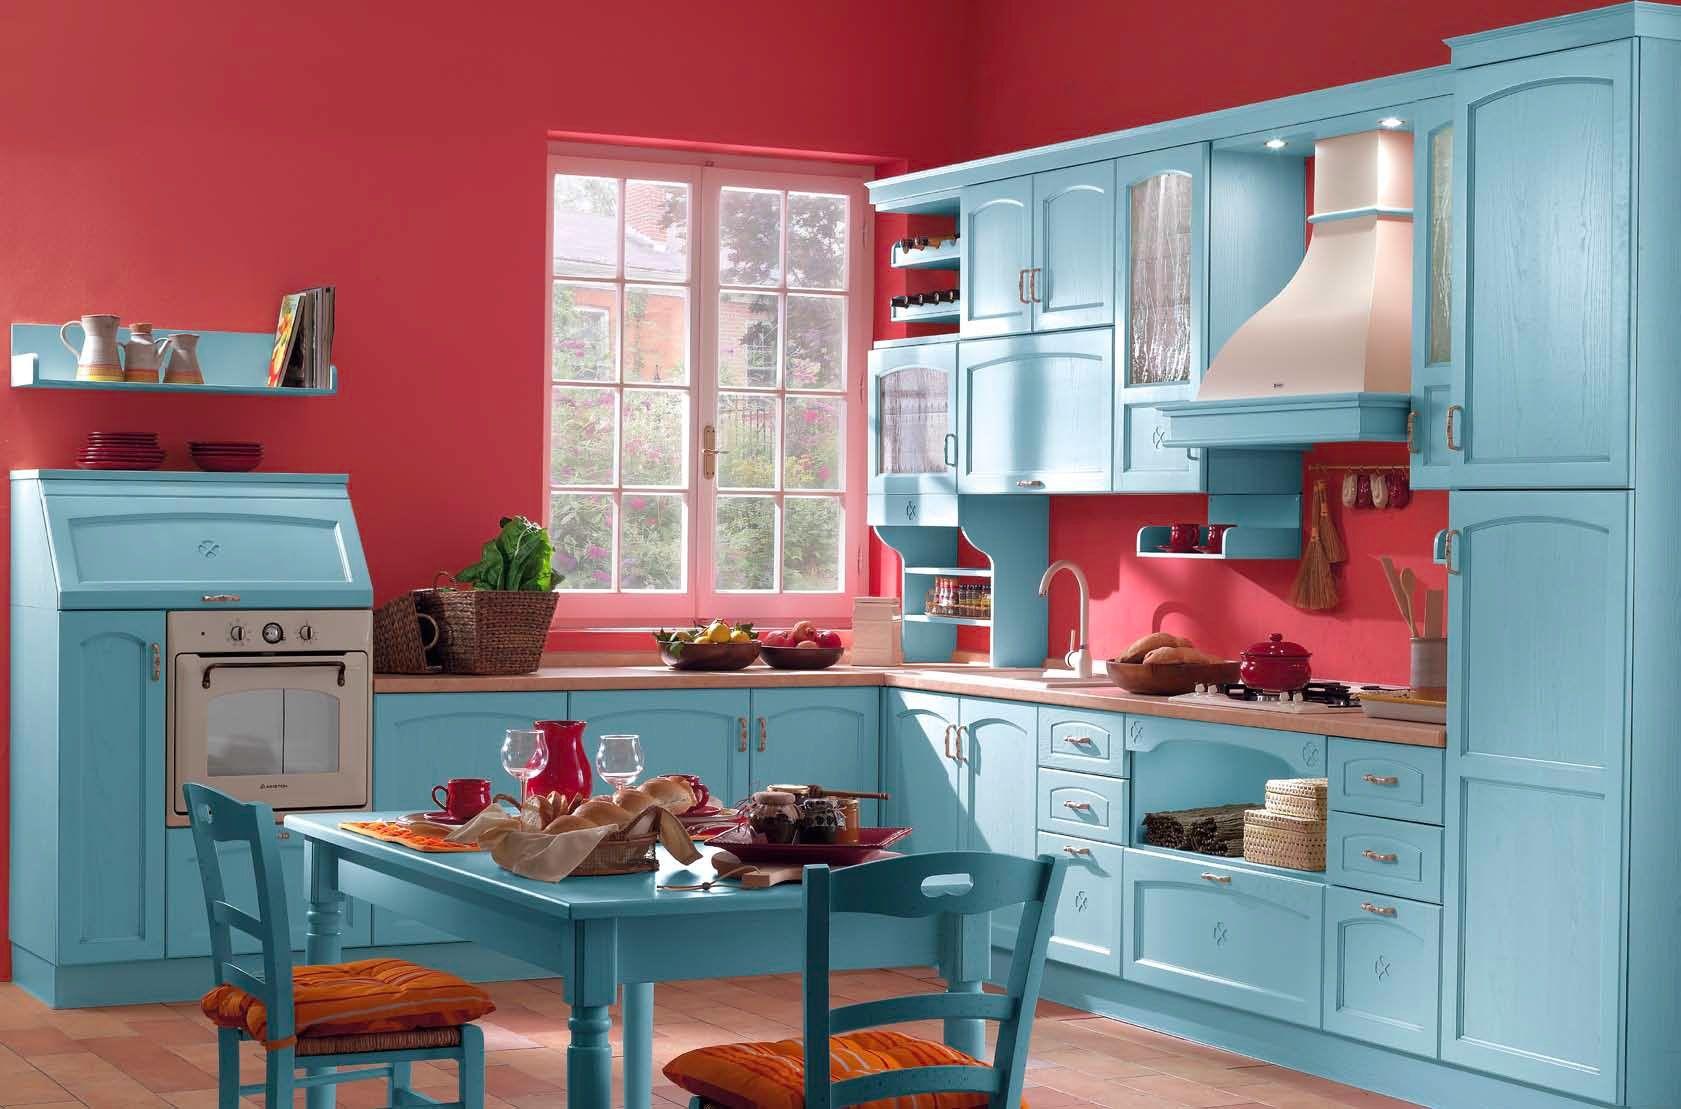 Cucine Moderne Azzurre.Cucine Azzurre Cucine Nel 2019 Cucine E Ambiente